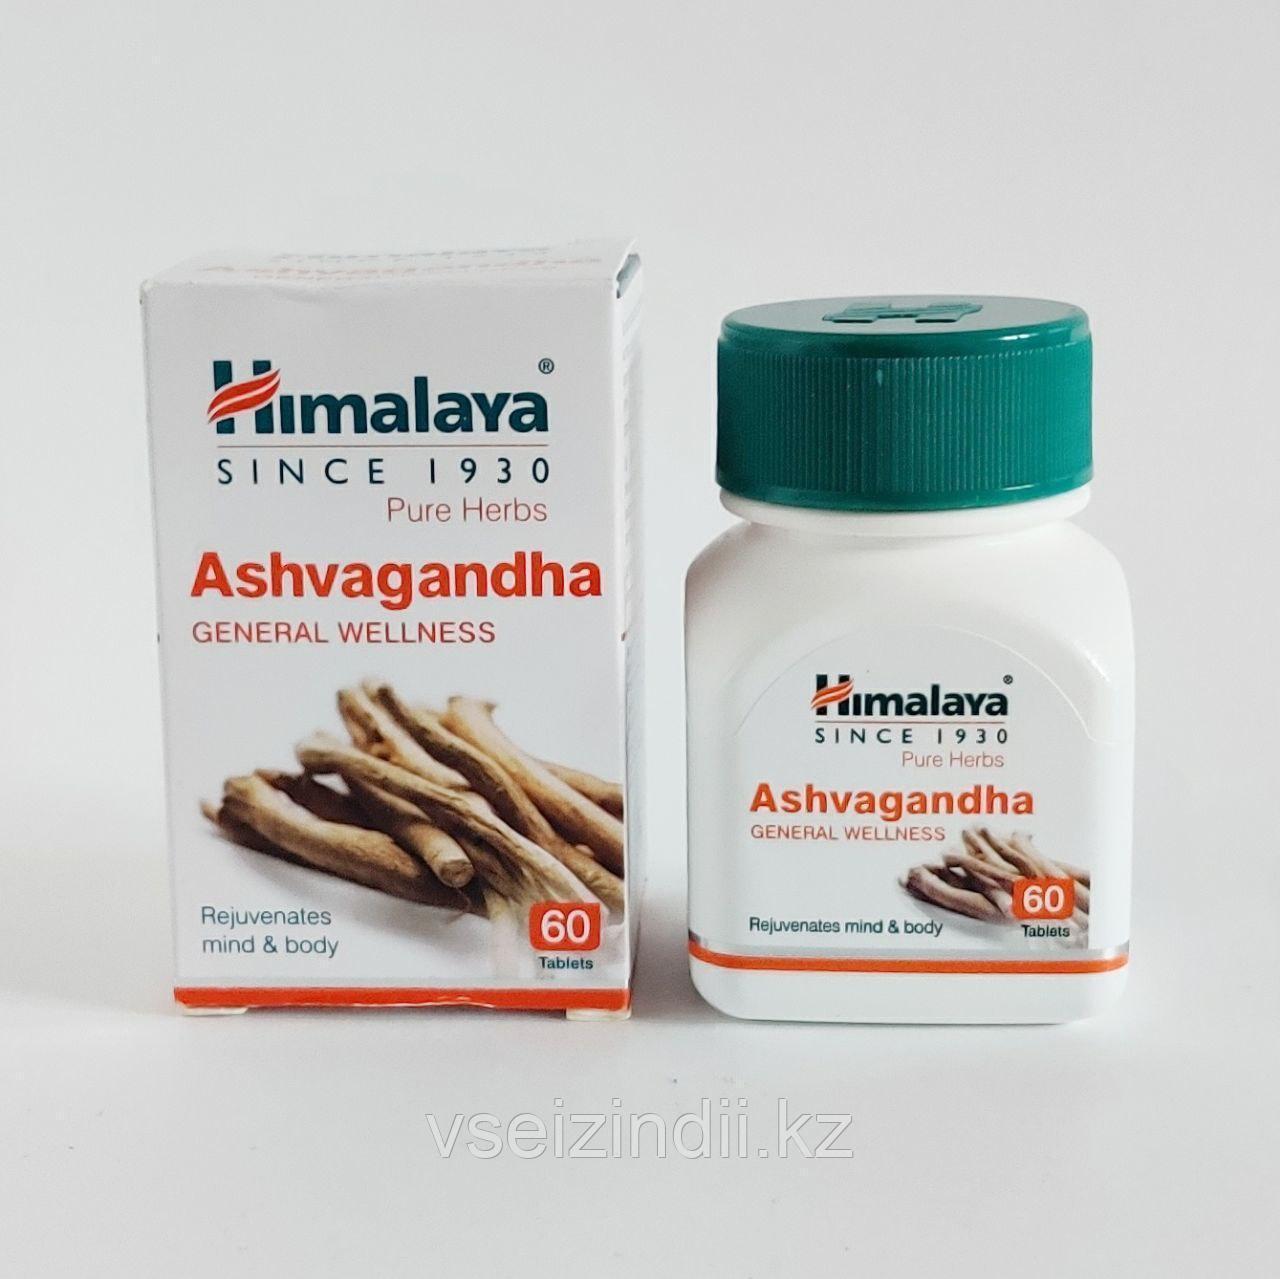 Ашвагандха, Гималаи (Ashwagandha, Himalaya), Тоник для мужского здоровья. 60 таблеток.